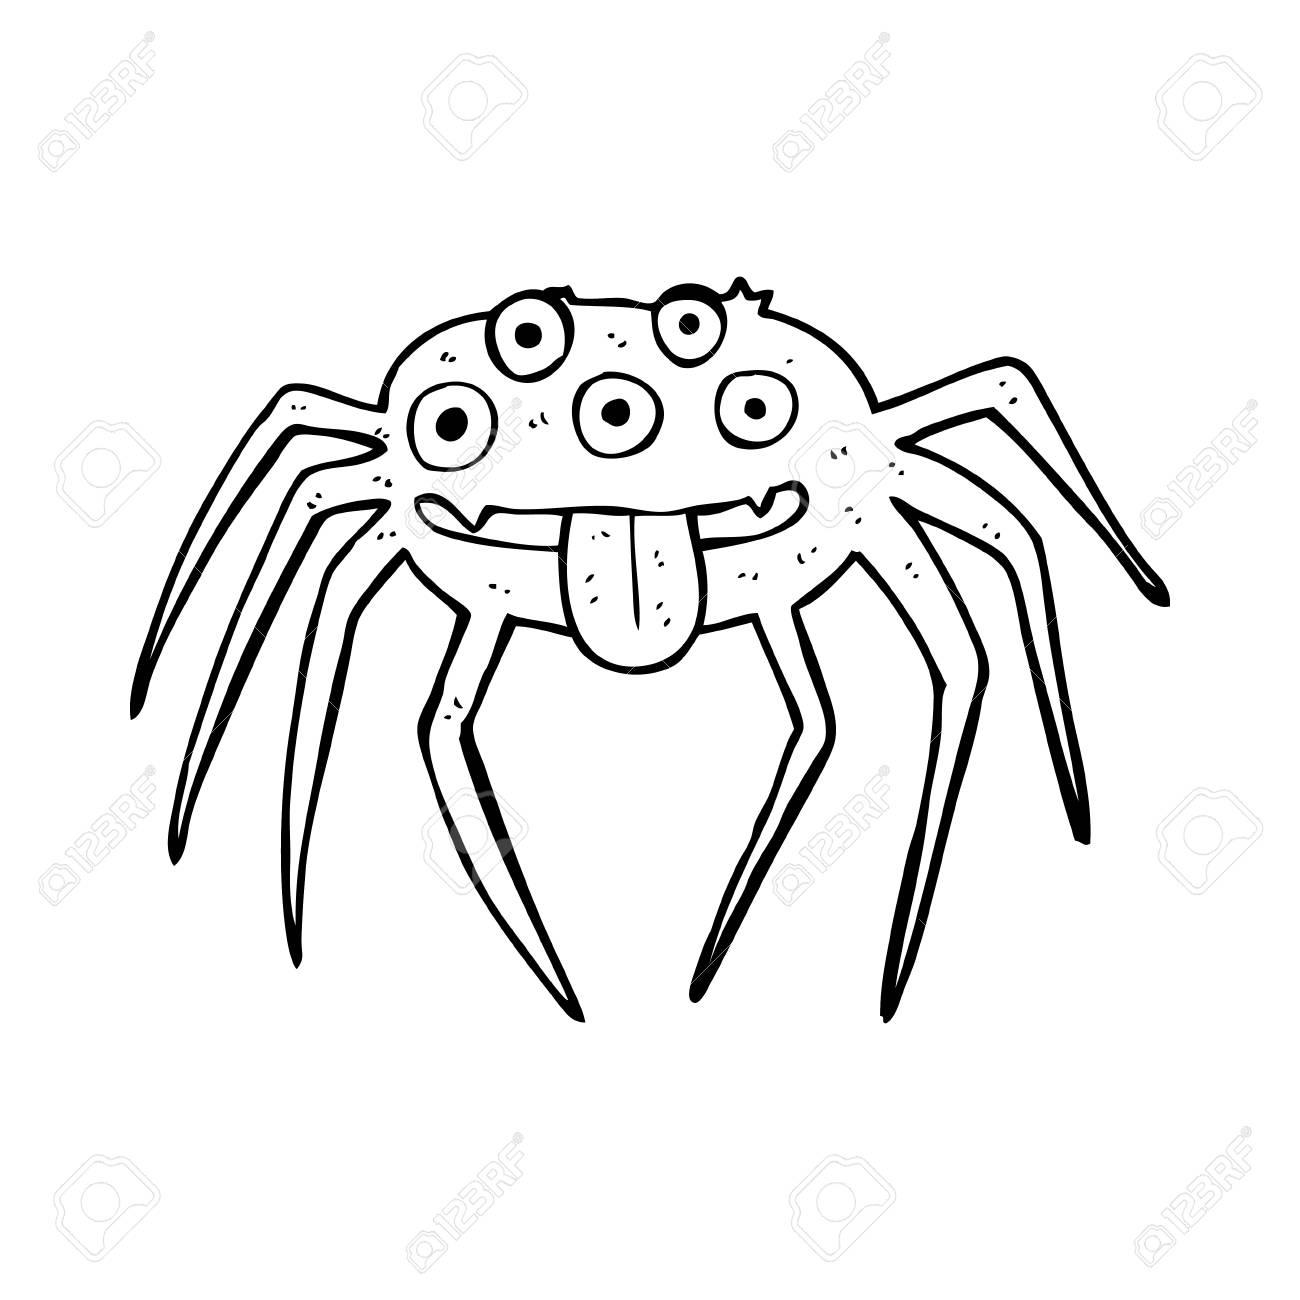 Dibujos Animados Bruto Arana De Halloween Ilustraciones Vectoriales - Dibujos-araas-halloween